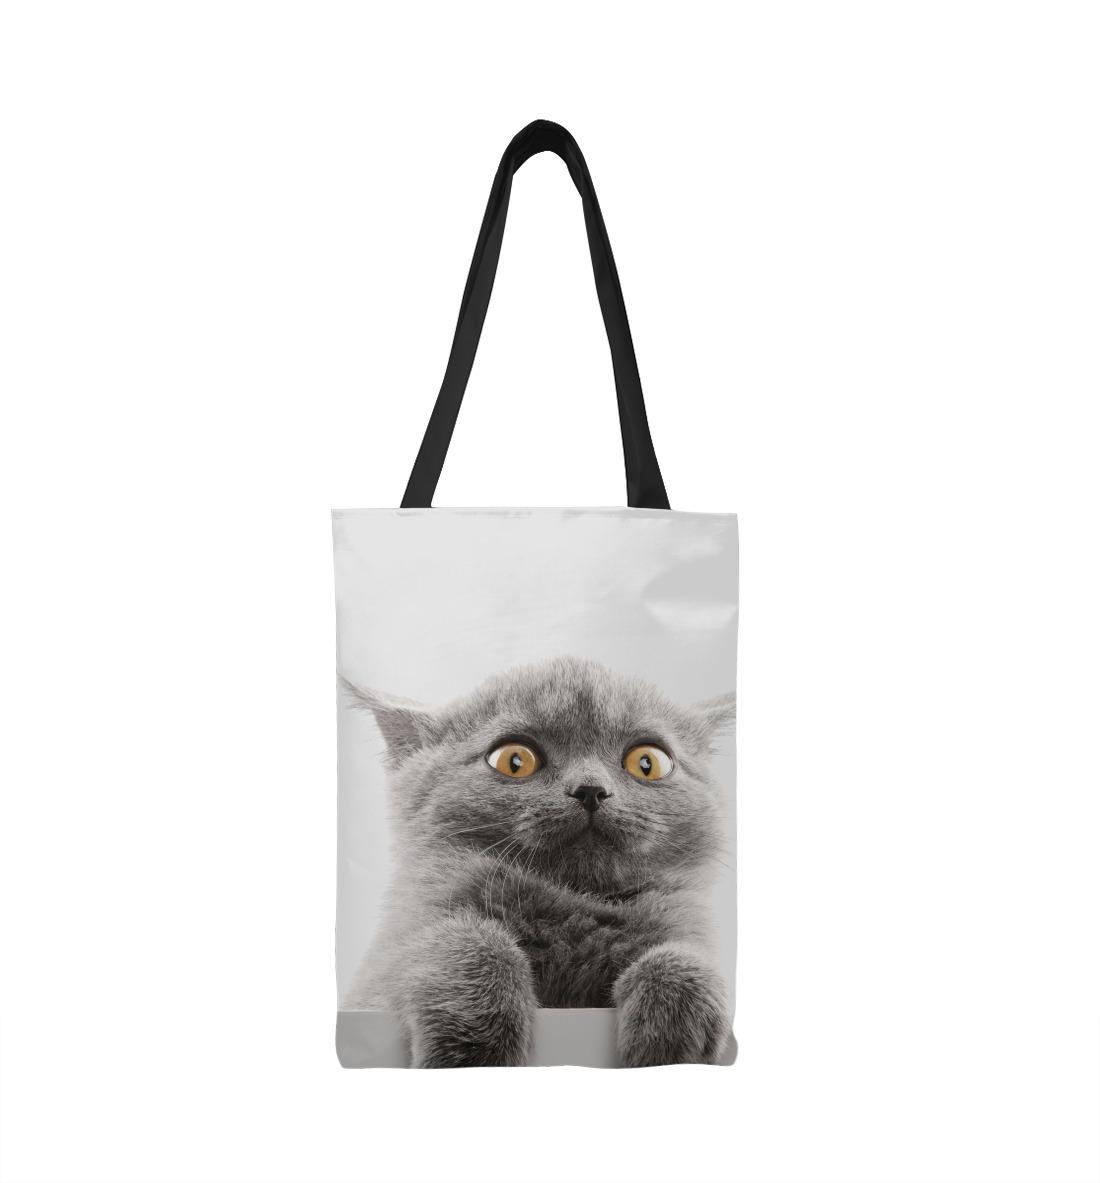 Фото - Испуганный кот испуганный кот